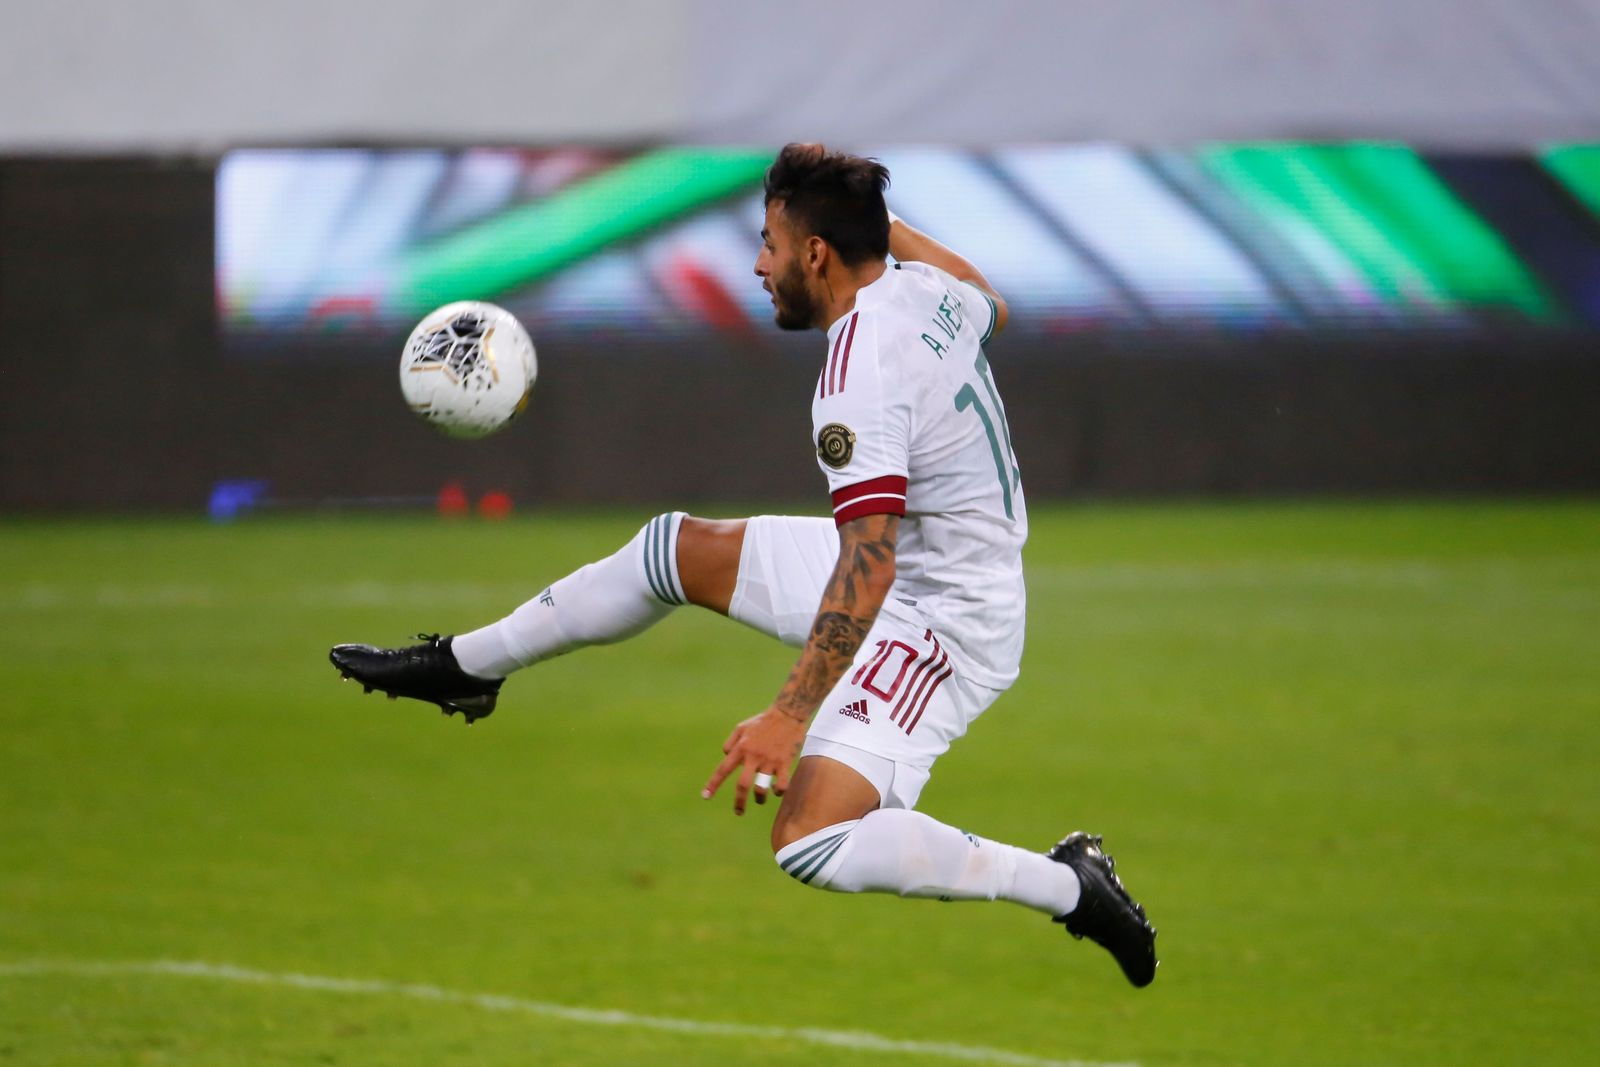 México triunfa en su debut en el Preolímpico frente a República Dominicana